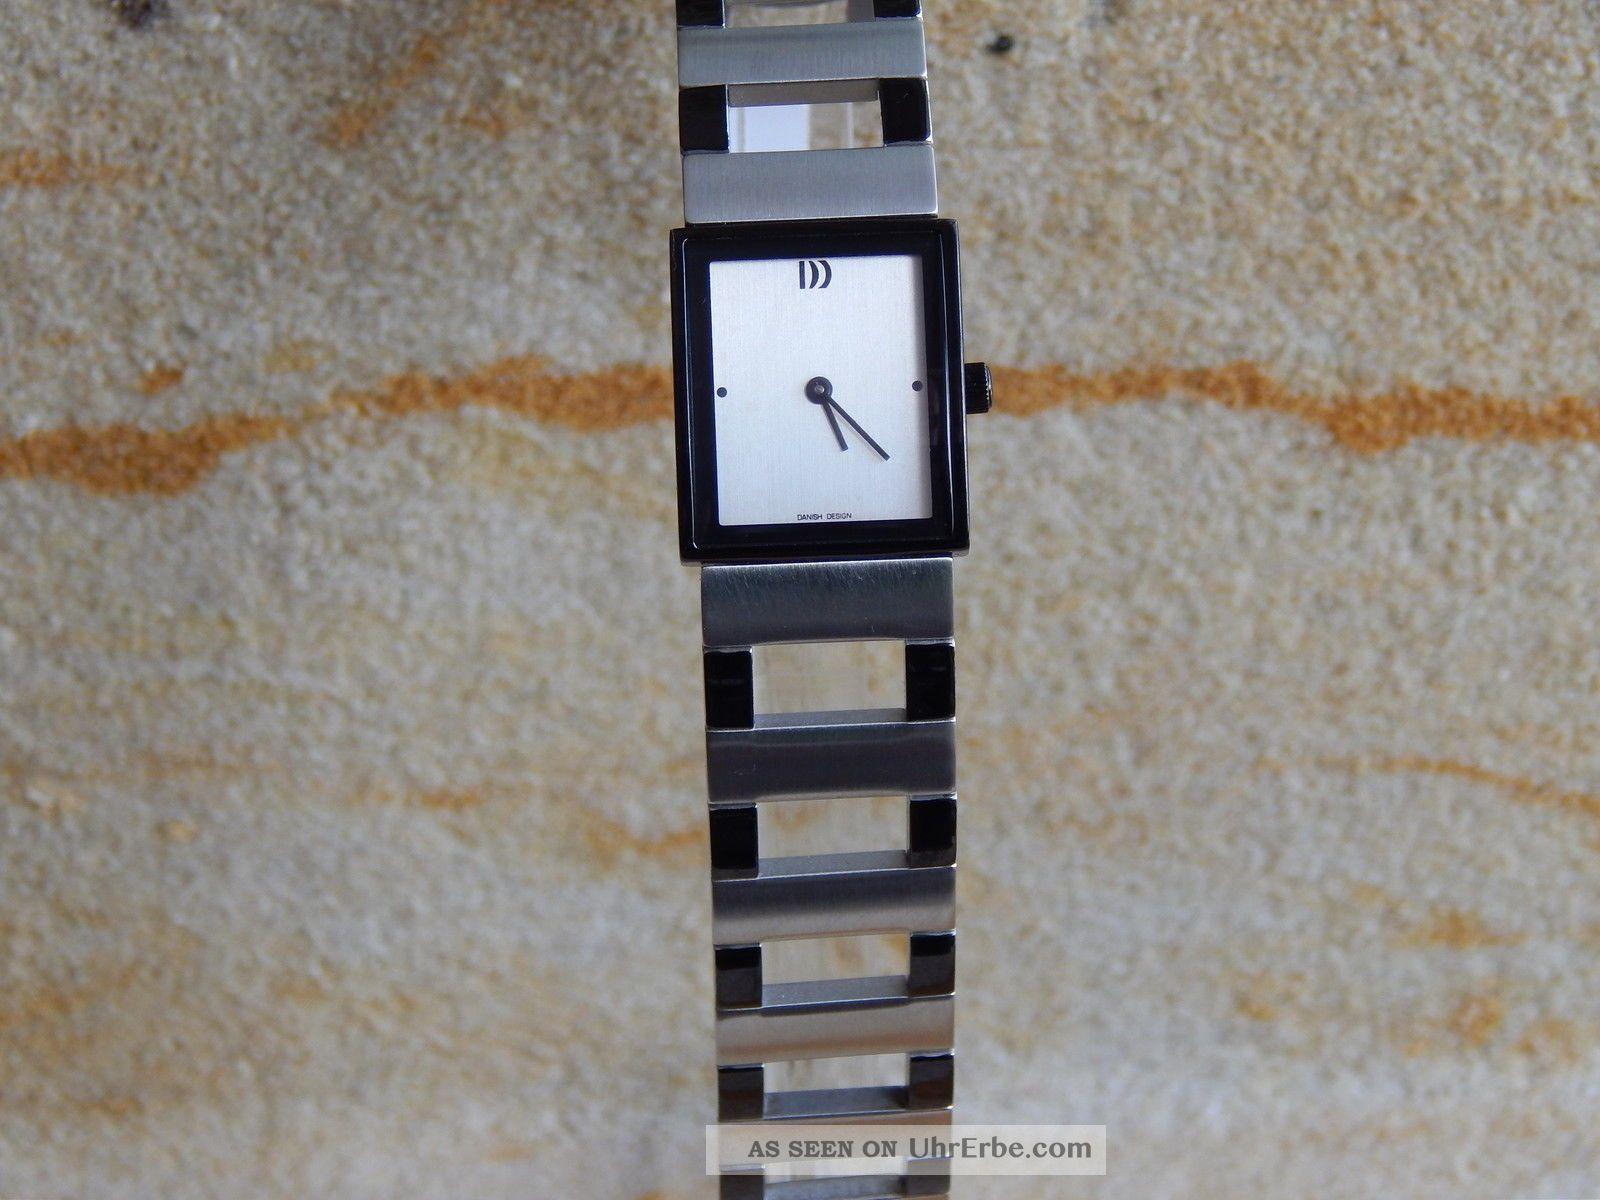 Danish Design Damenarmbanduhr Armbanduhren Bild